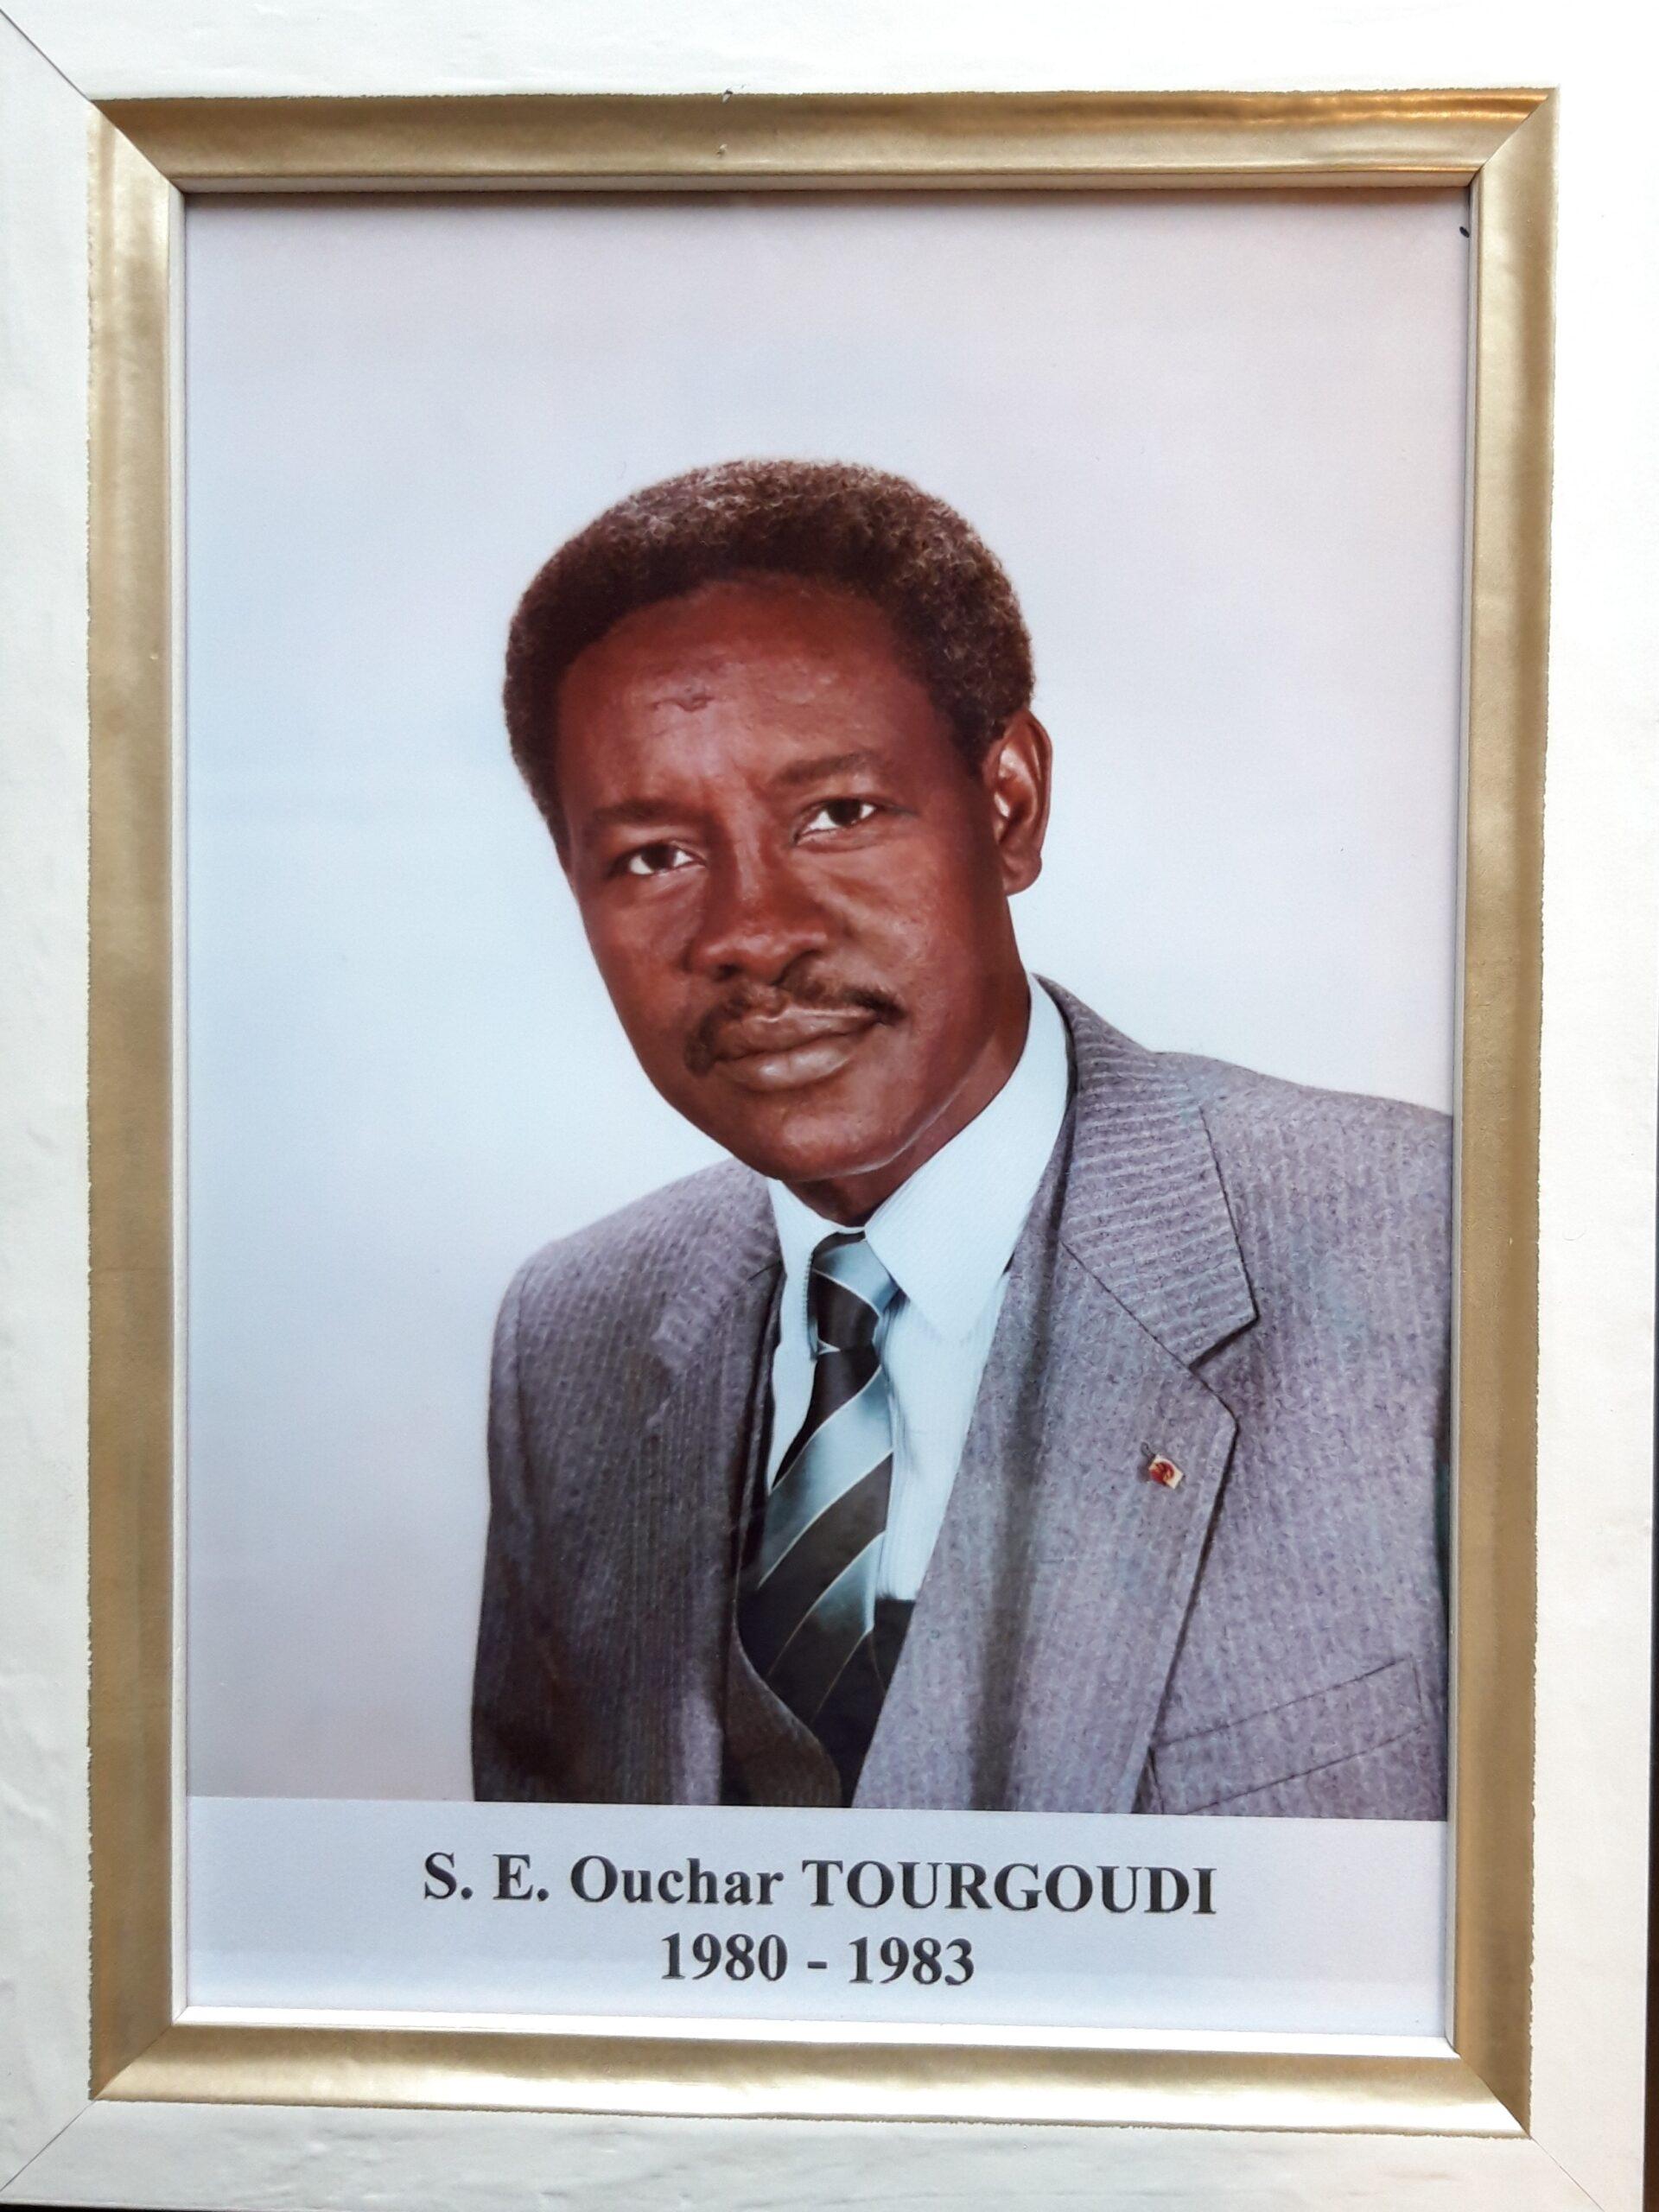 S.E. Ouchar TOURGOUDI